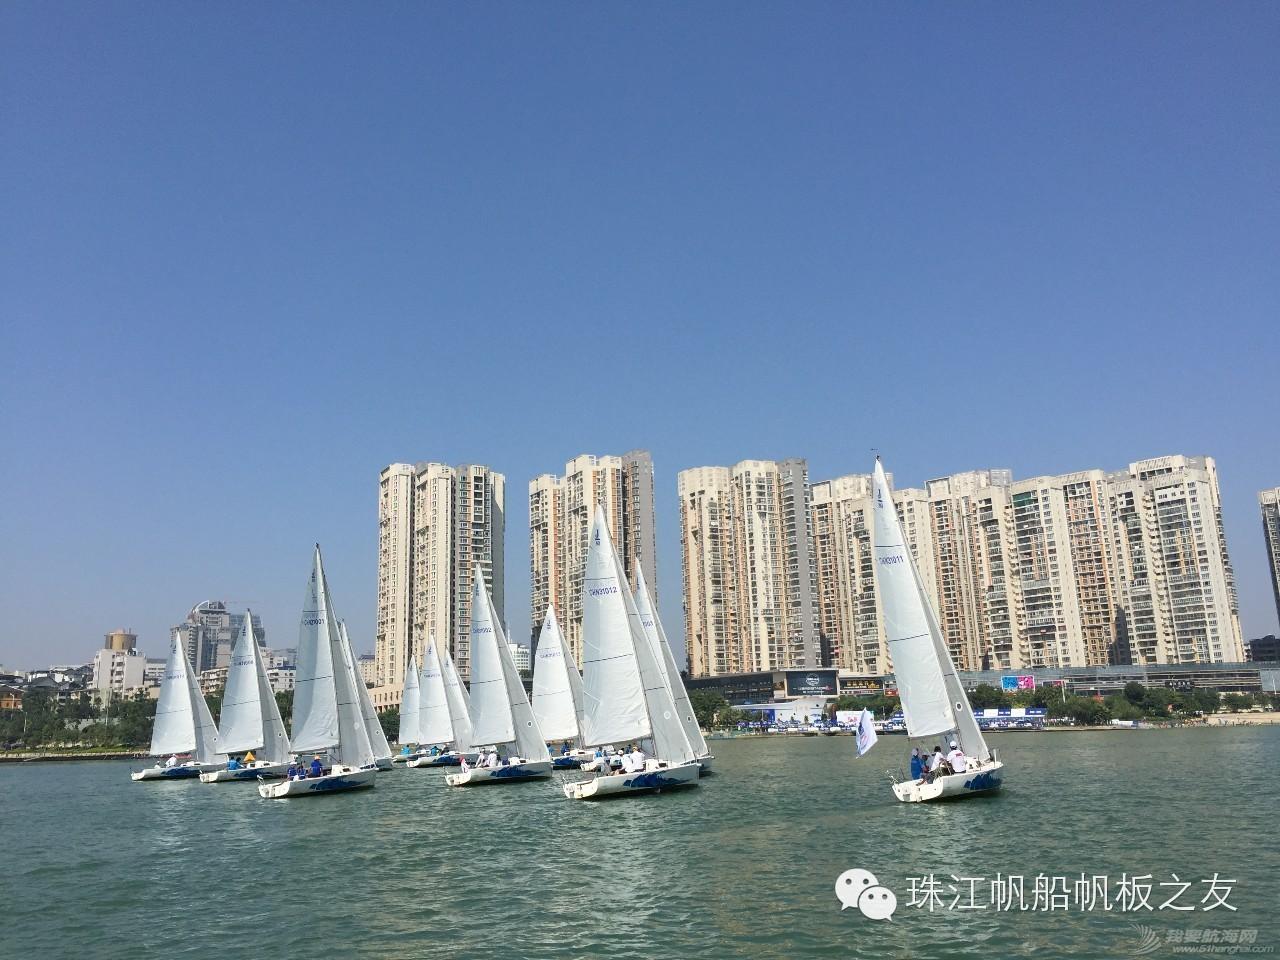 广州帆协在柳州第五届帆船赛 9e59e3b086ed767f2f587c2d717f1871.jpg